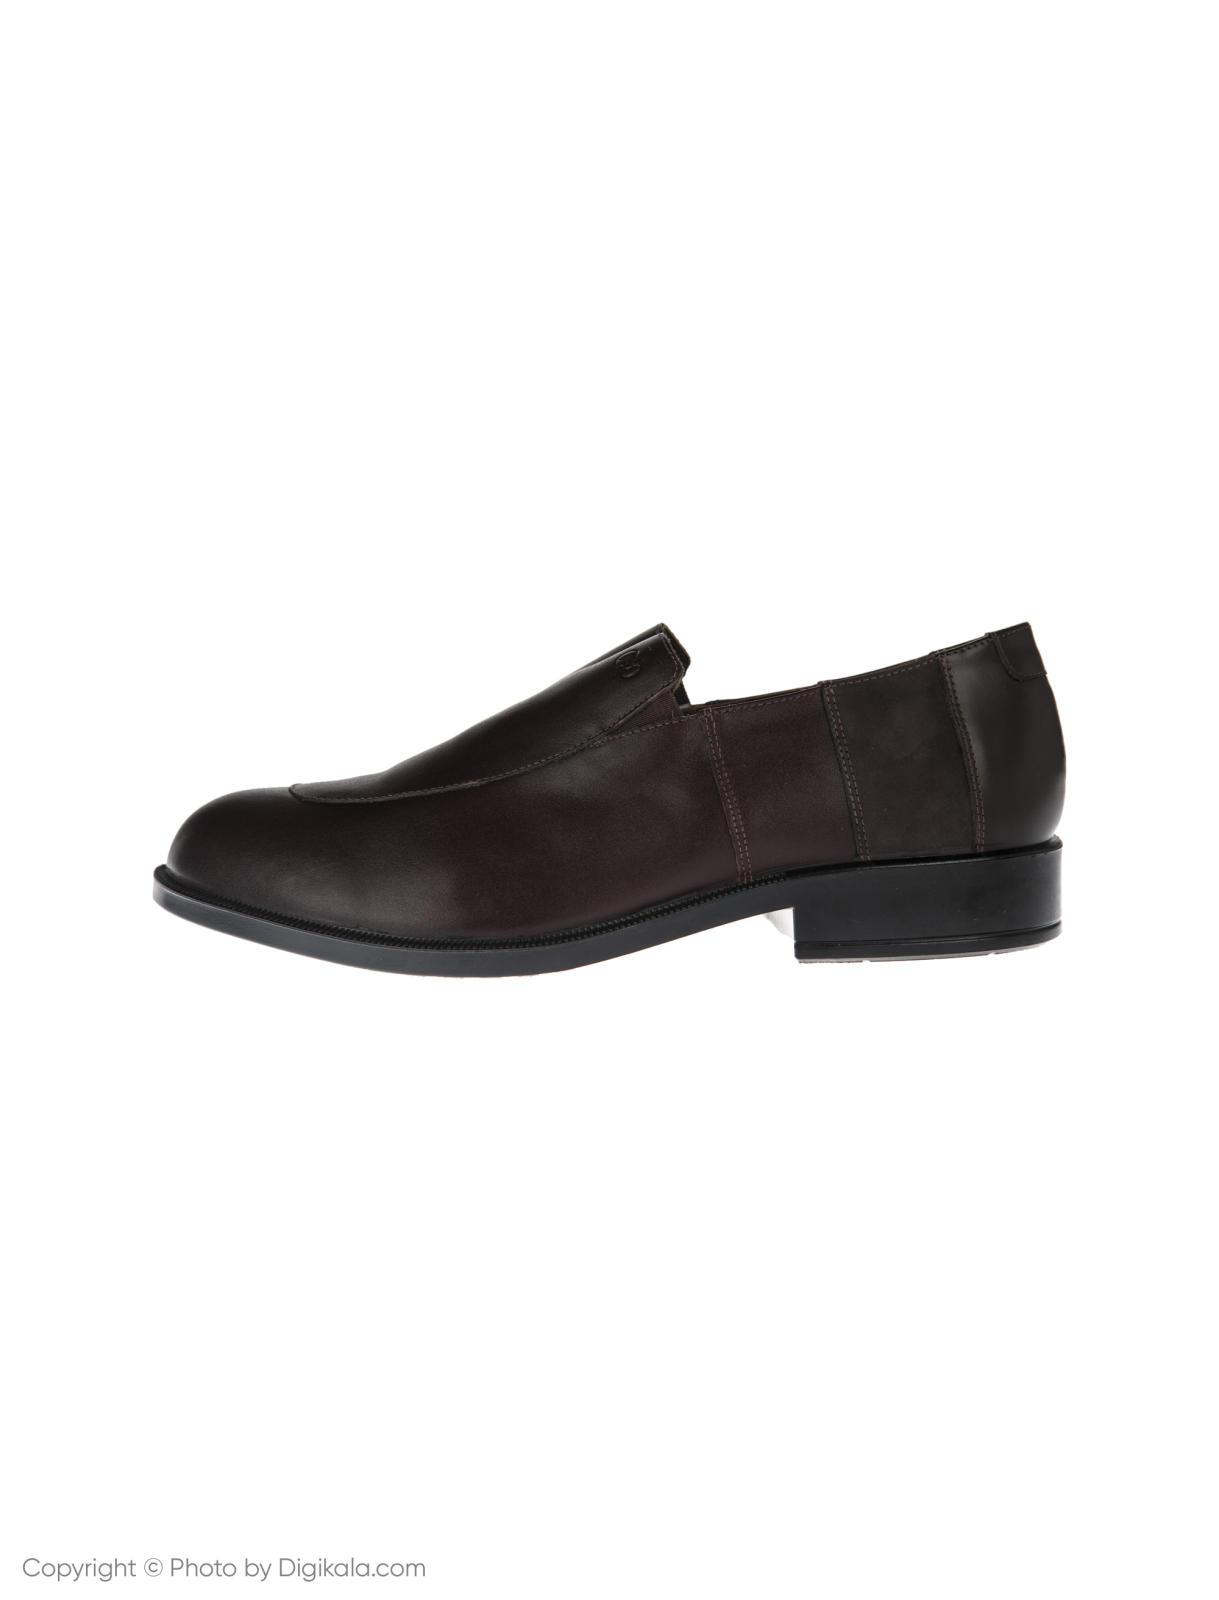 کفش مردانه دنیلی مدل 209110136019  Daniellee 209110136019 Shoes For Men